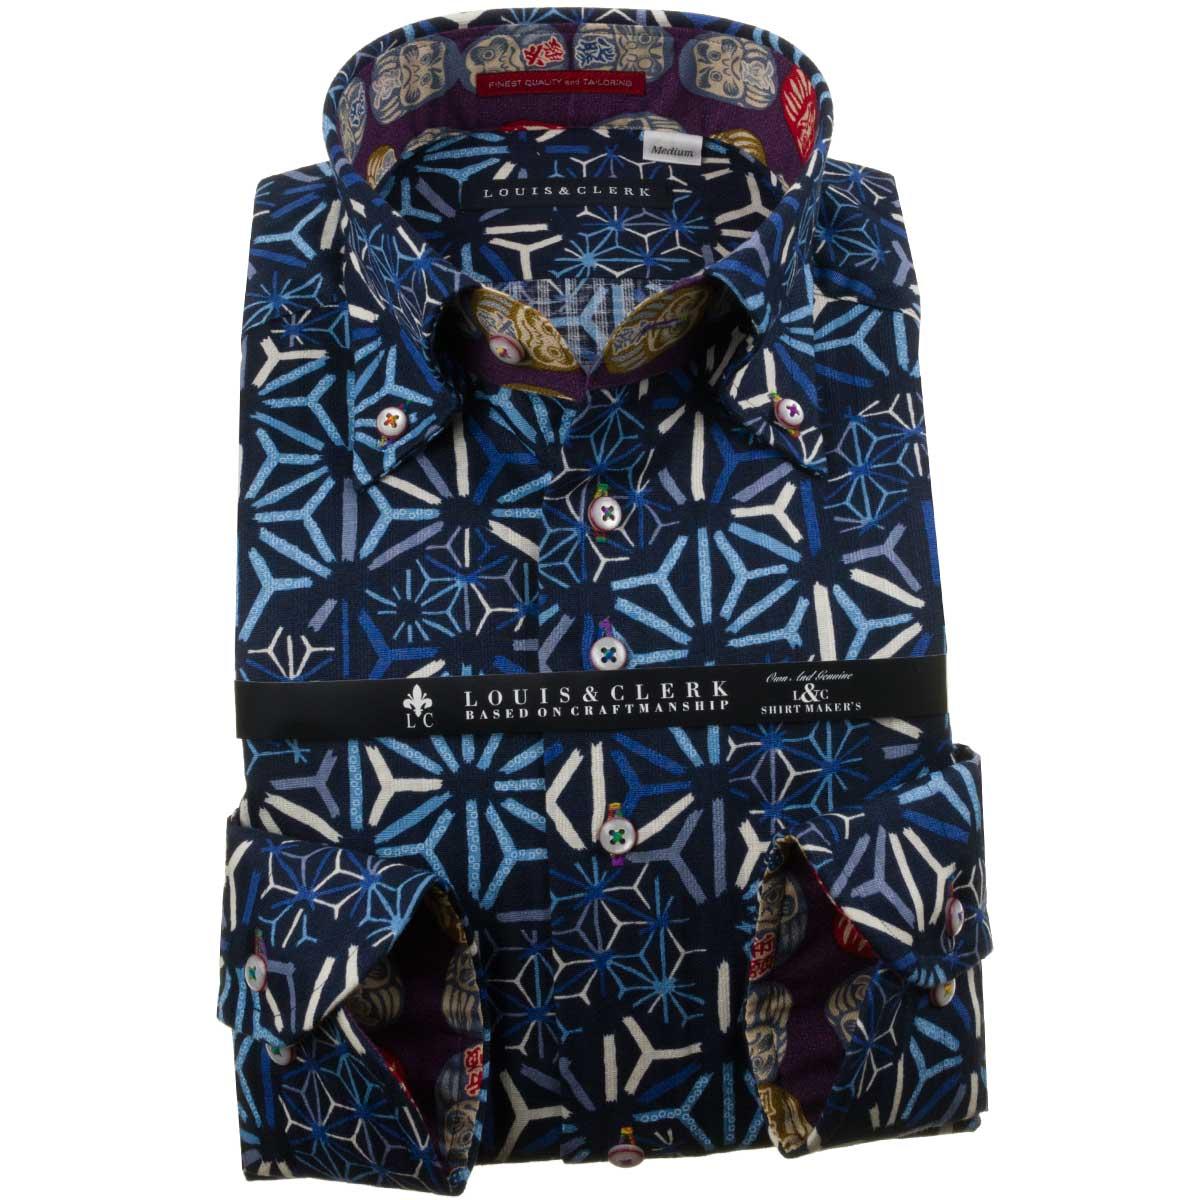 ドレスシャツ ワイシャツ シャツ メンズ 国産 長袖 純綿100% コンフォート ボタンダウン ドビー プリント 麻葉柄 ネイビー 紺 青 ブルー 1910 fs3gm